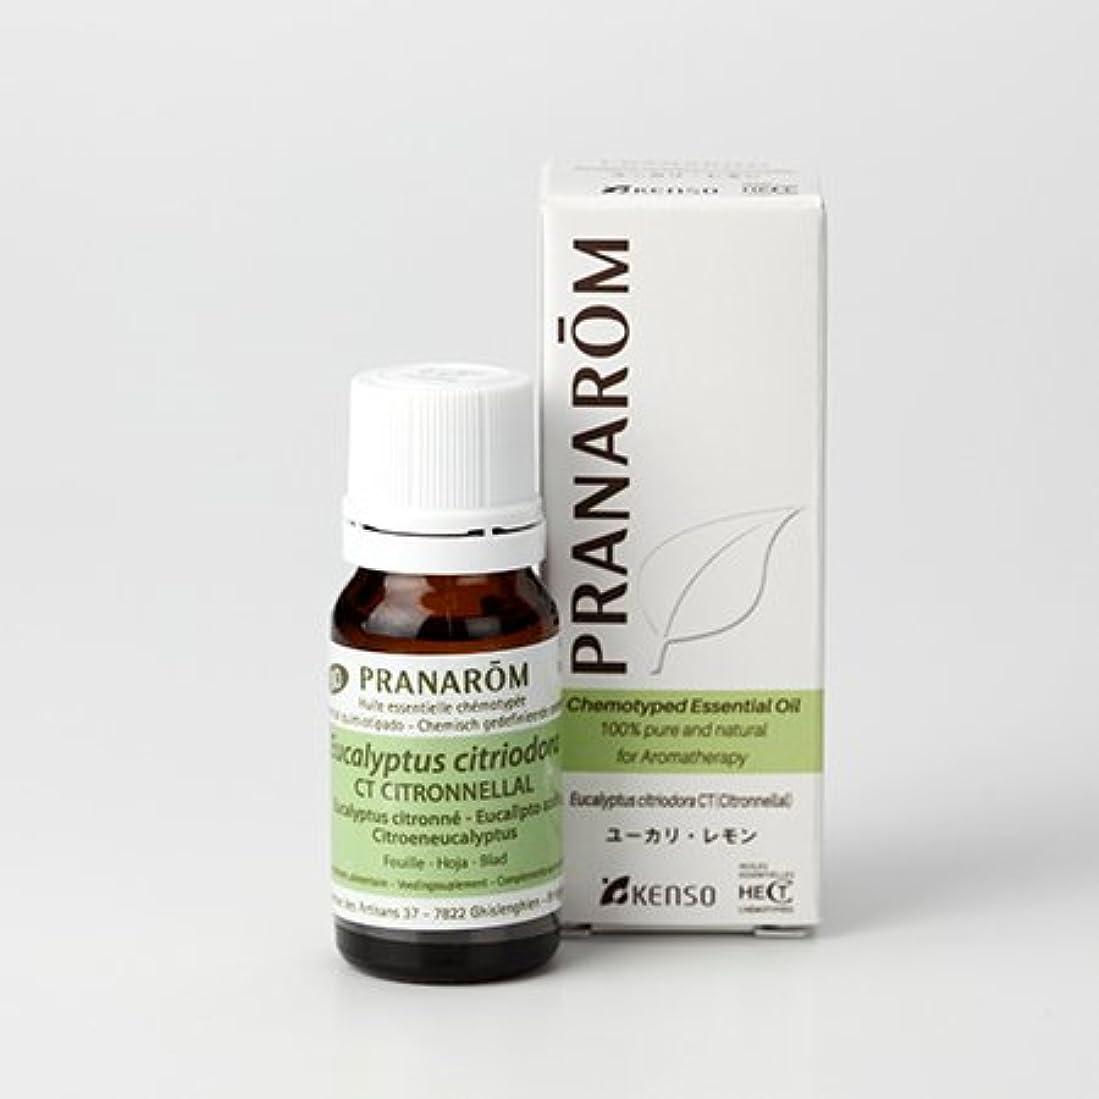 同級生恐怖オッズプラナロム ( PRANAROM ) 精油 ユーカリ?レモン 10ml p-65 ユーカリレモン